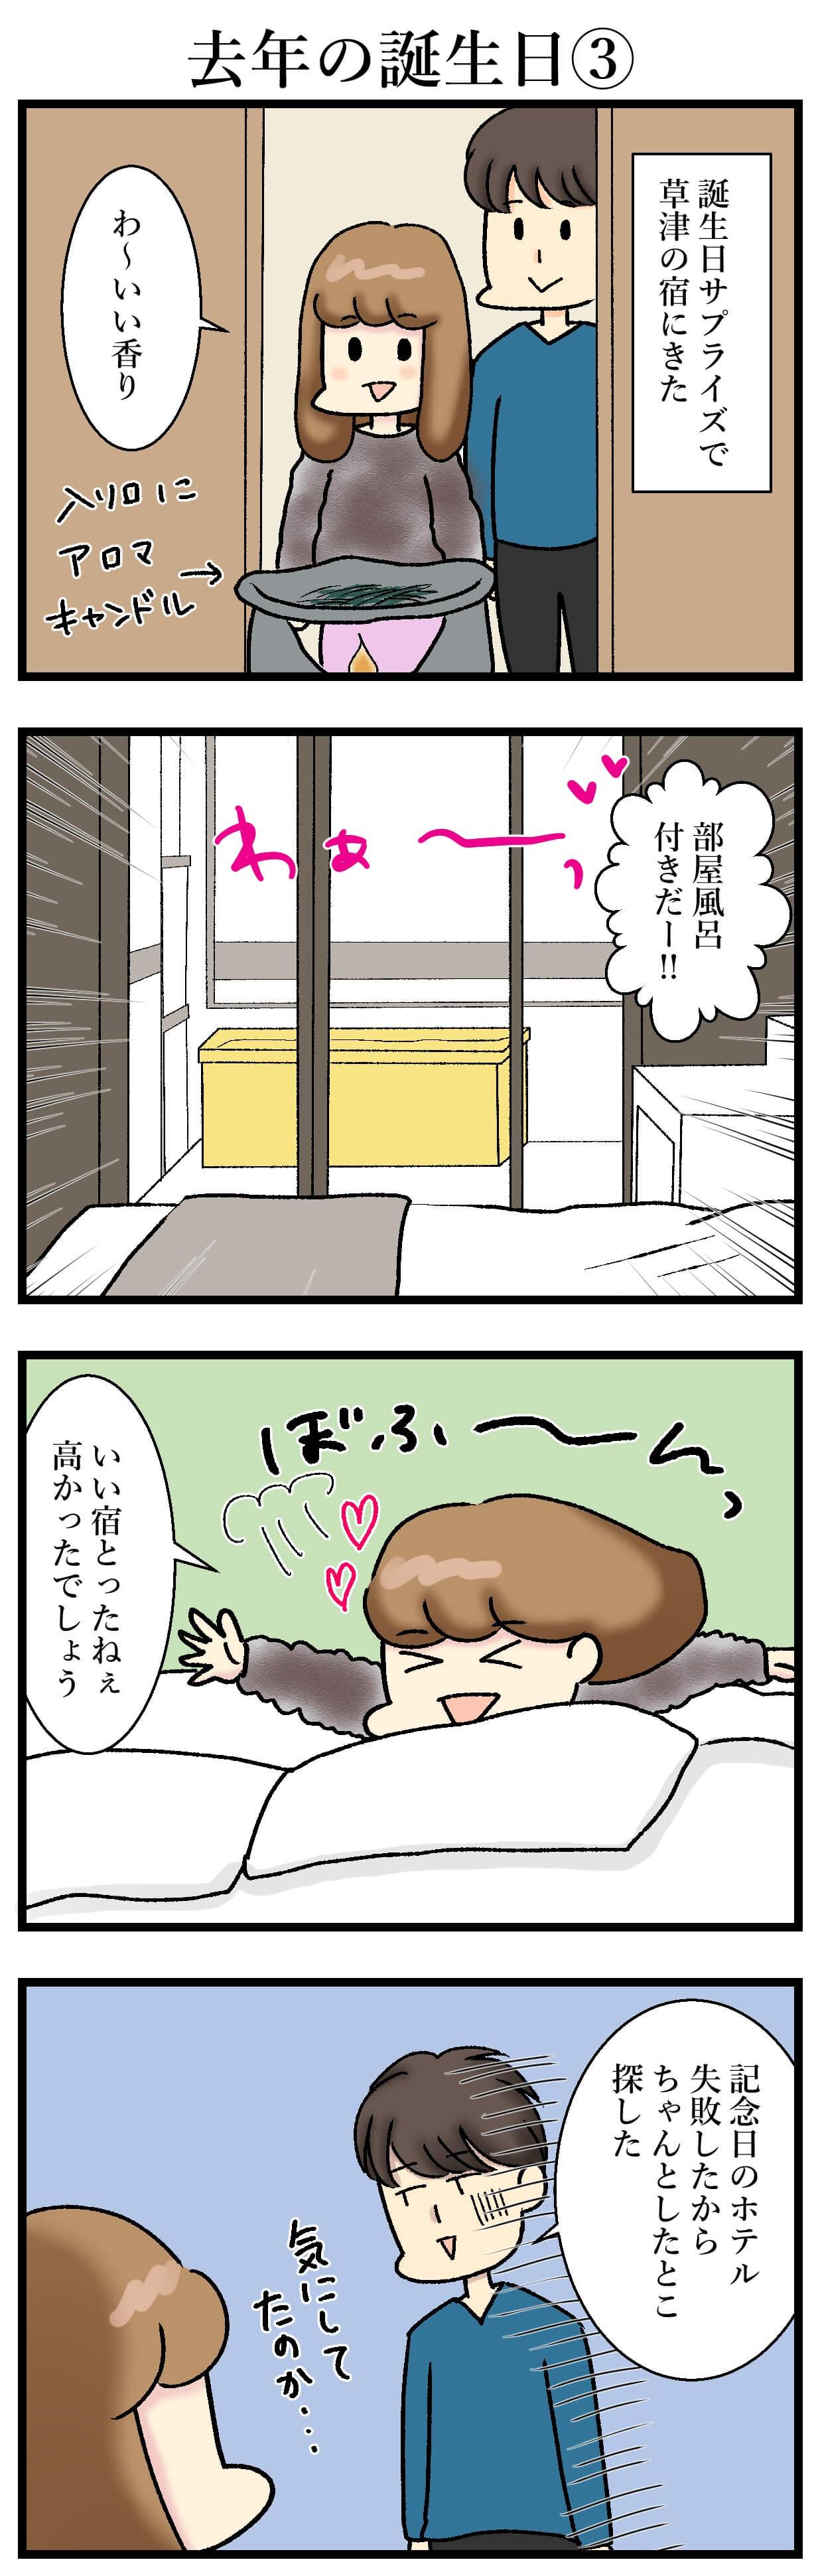 【エッセイ漫画】アラサー主婦くま子のふがいない日常(78)